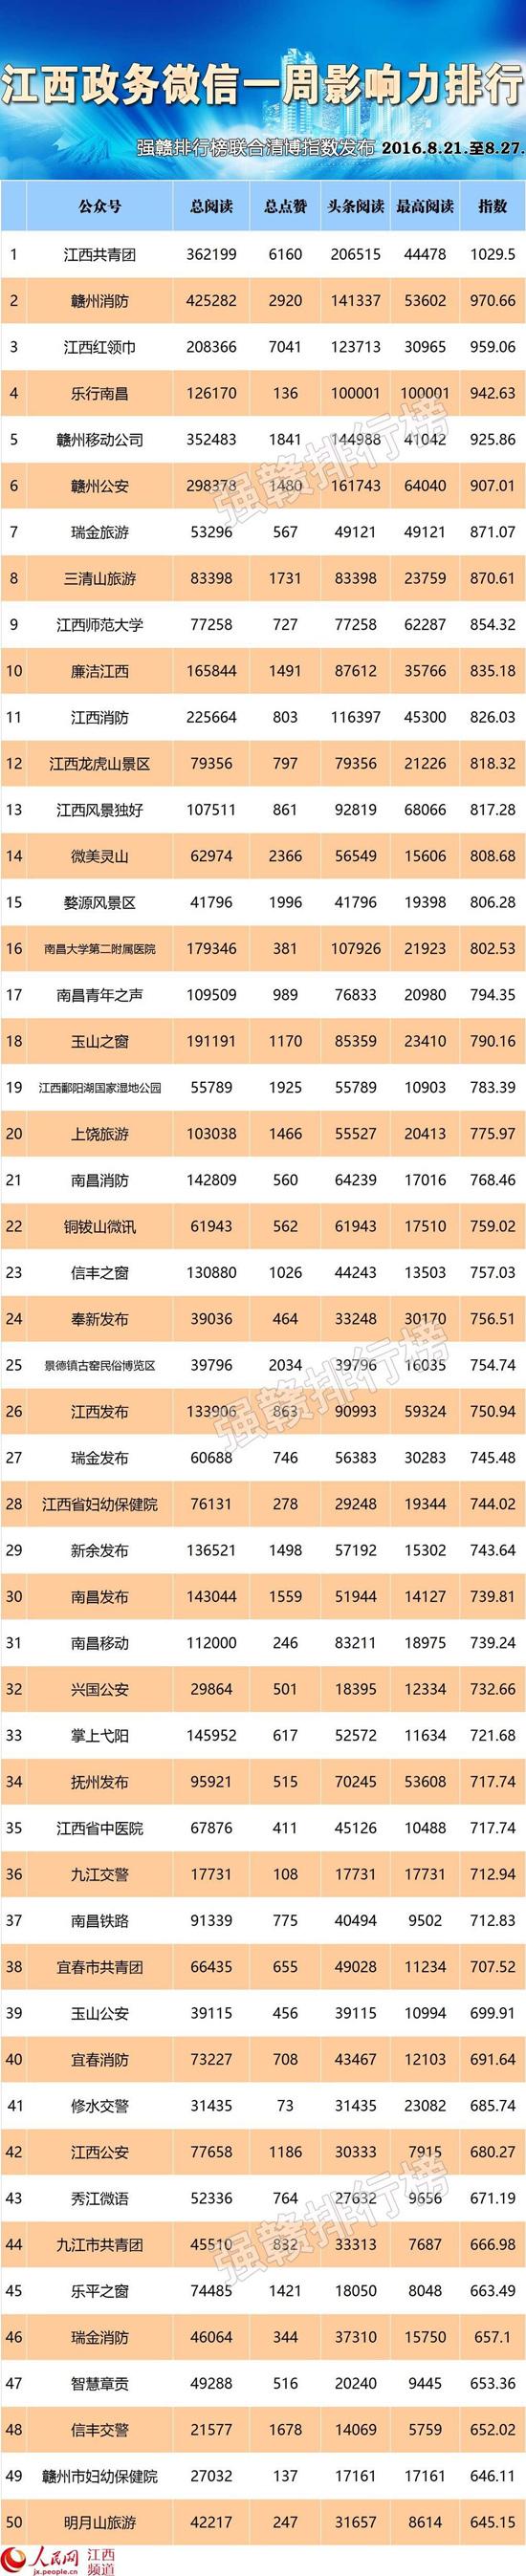 江西政务微信榜:8个月刷了69篇10w+乐行南昌最多!